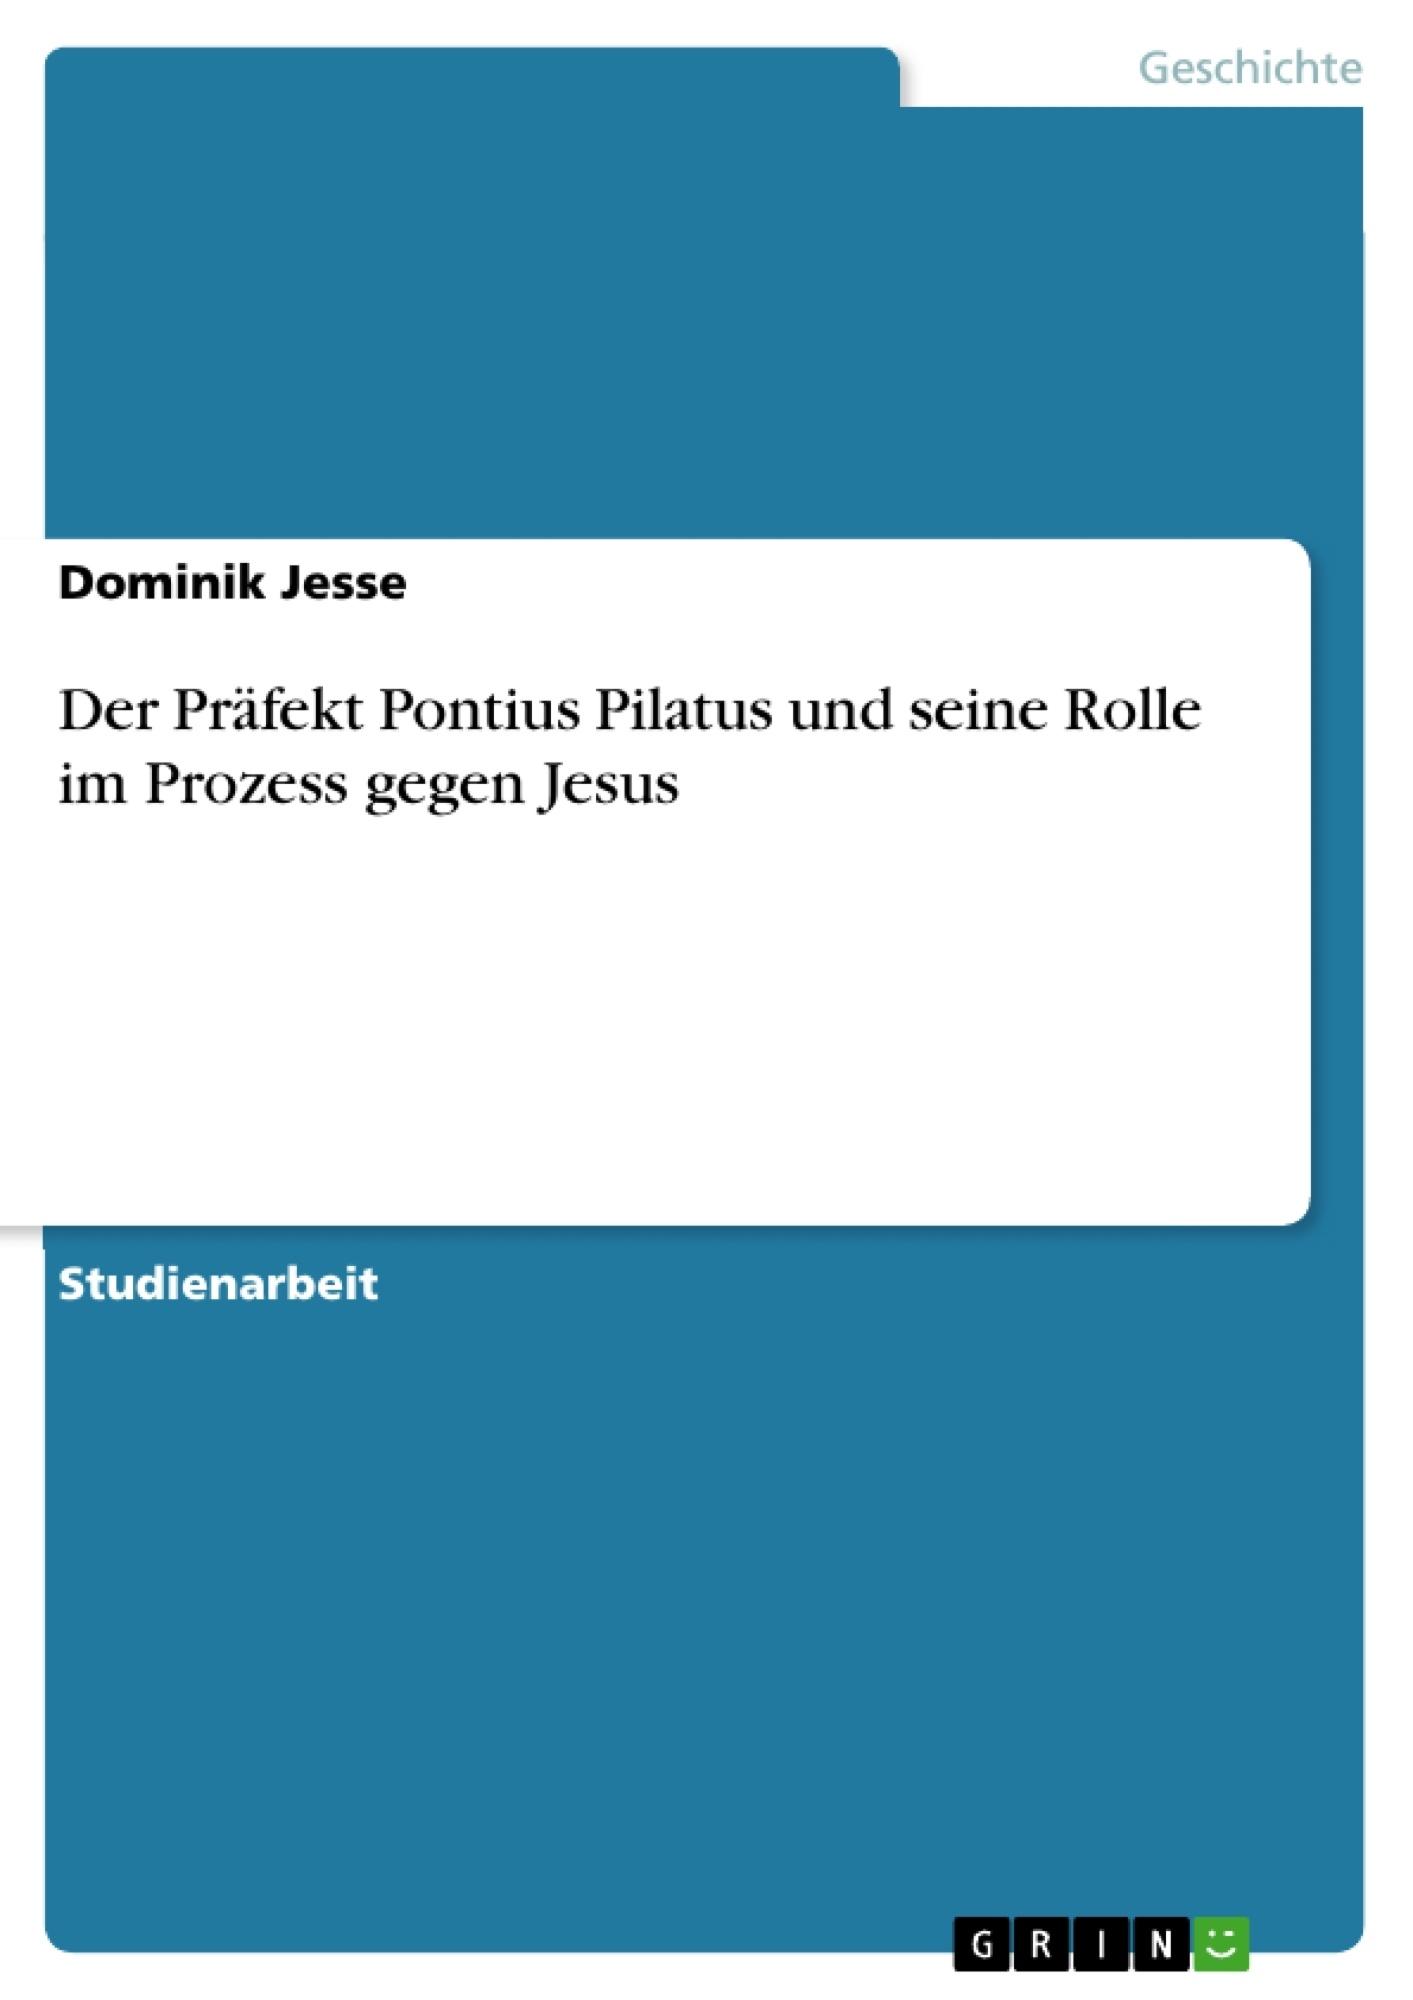 Titel: Der Präfekt Pontius Pilatus und seine Rolle im Prozess gegen Jesus